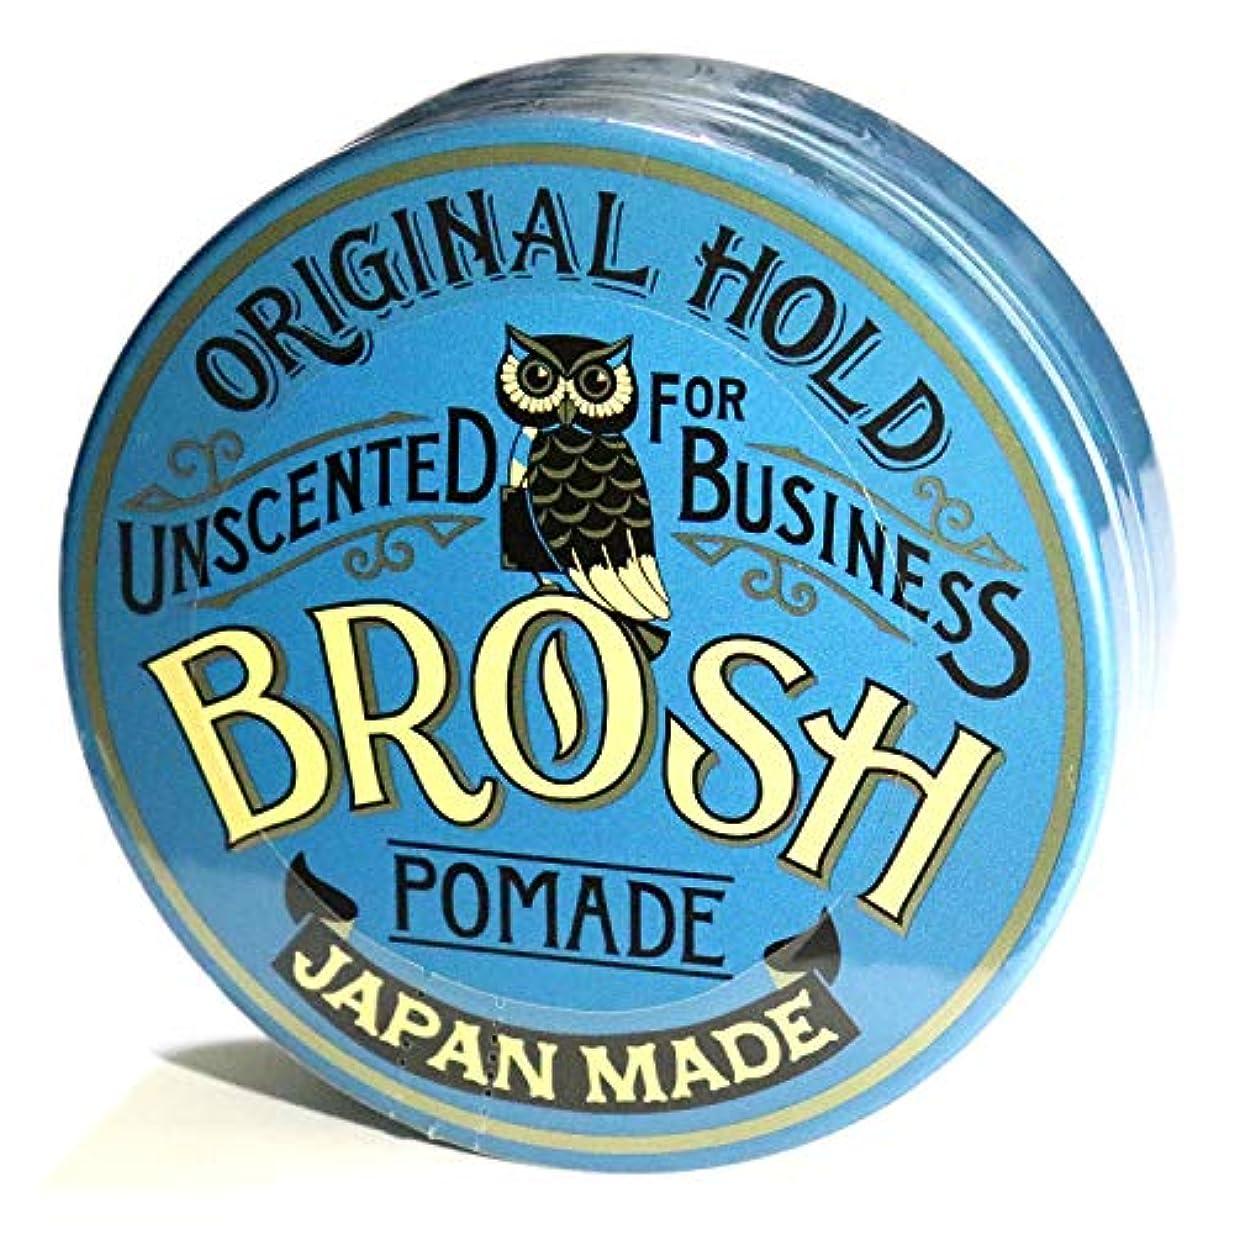 光ハーフユーモアBROSH (ブロッシュ) BROSH POMADE UNSCENTED/BIZ 115g 水性ポマード 整髪料 無香料